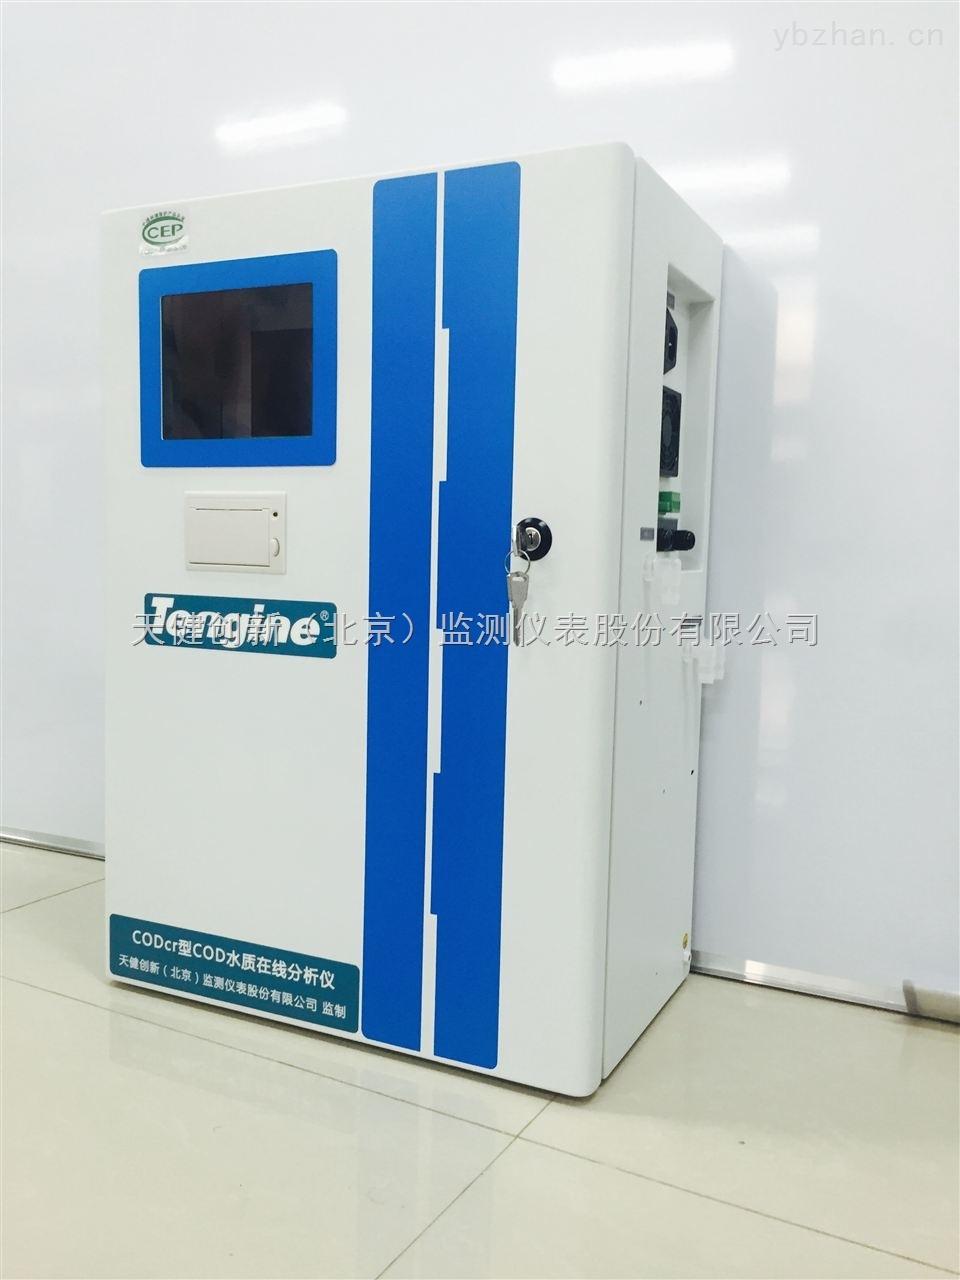 TEM-在線COD分析儀廠家價格